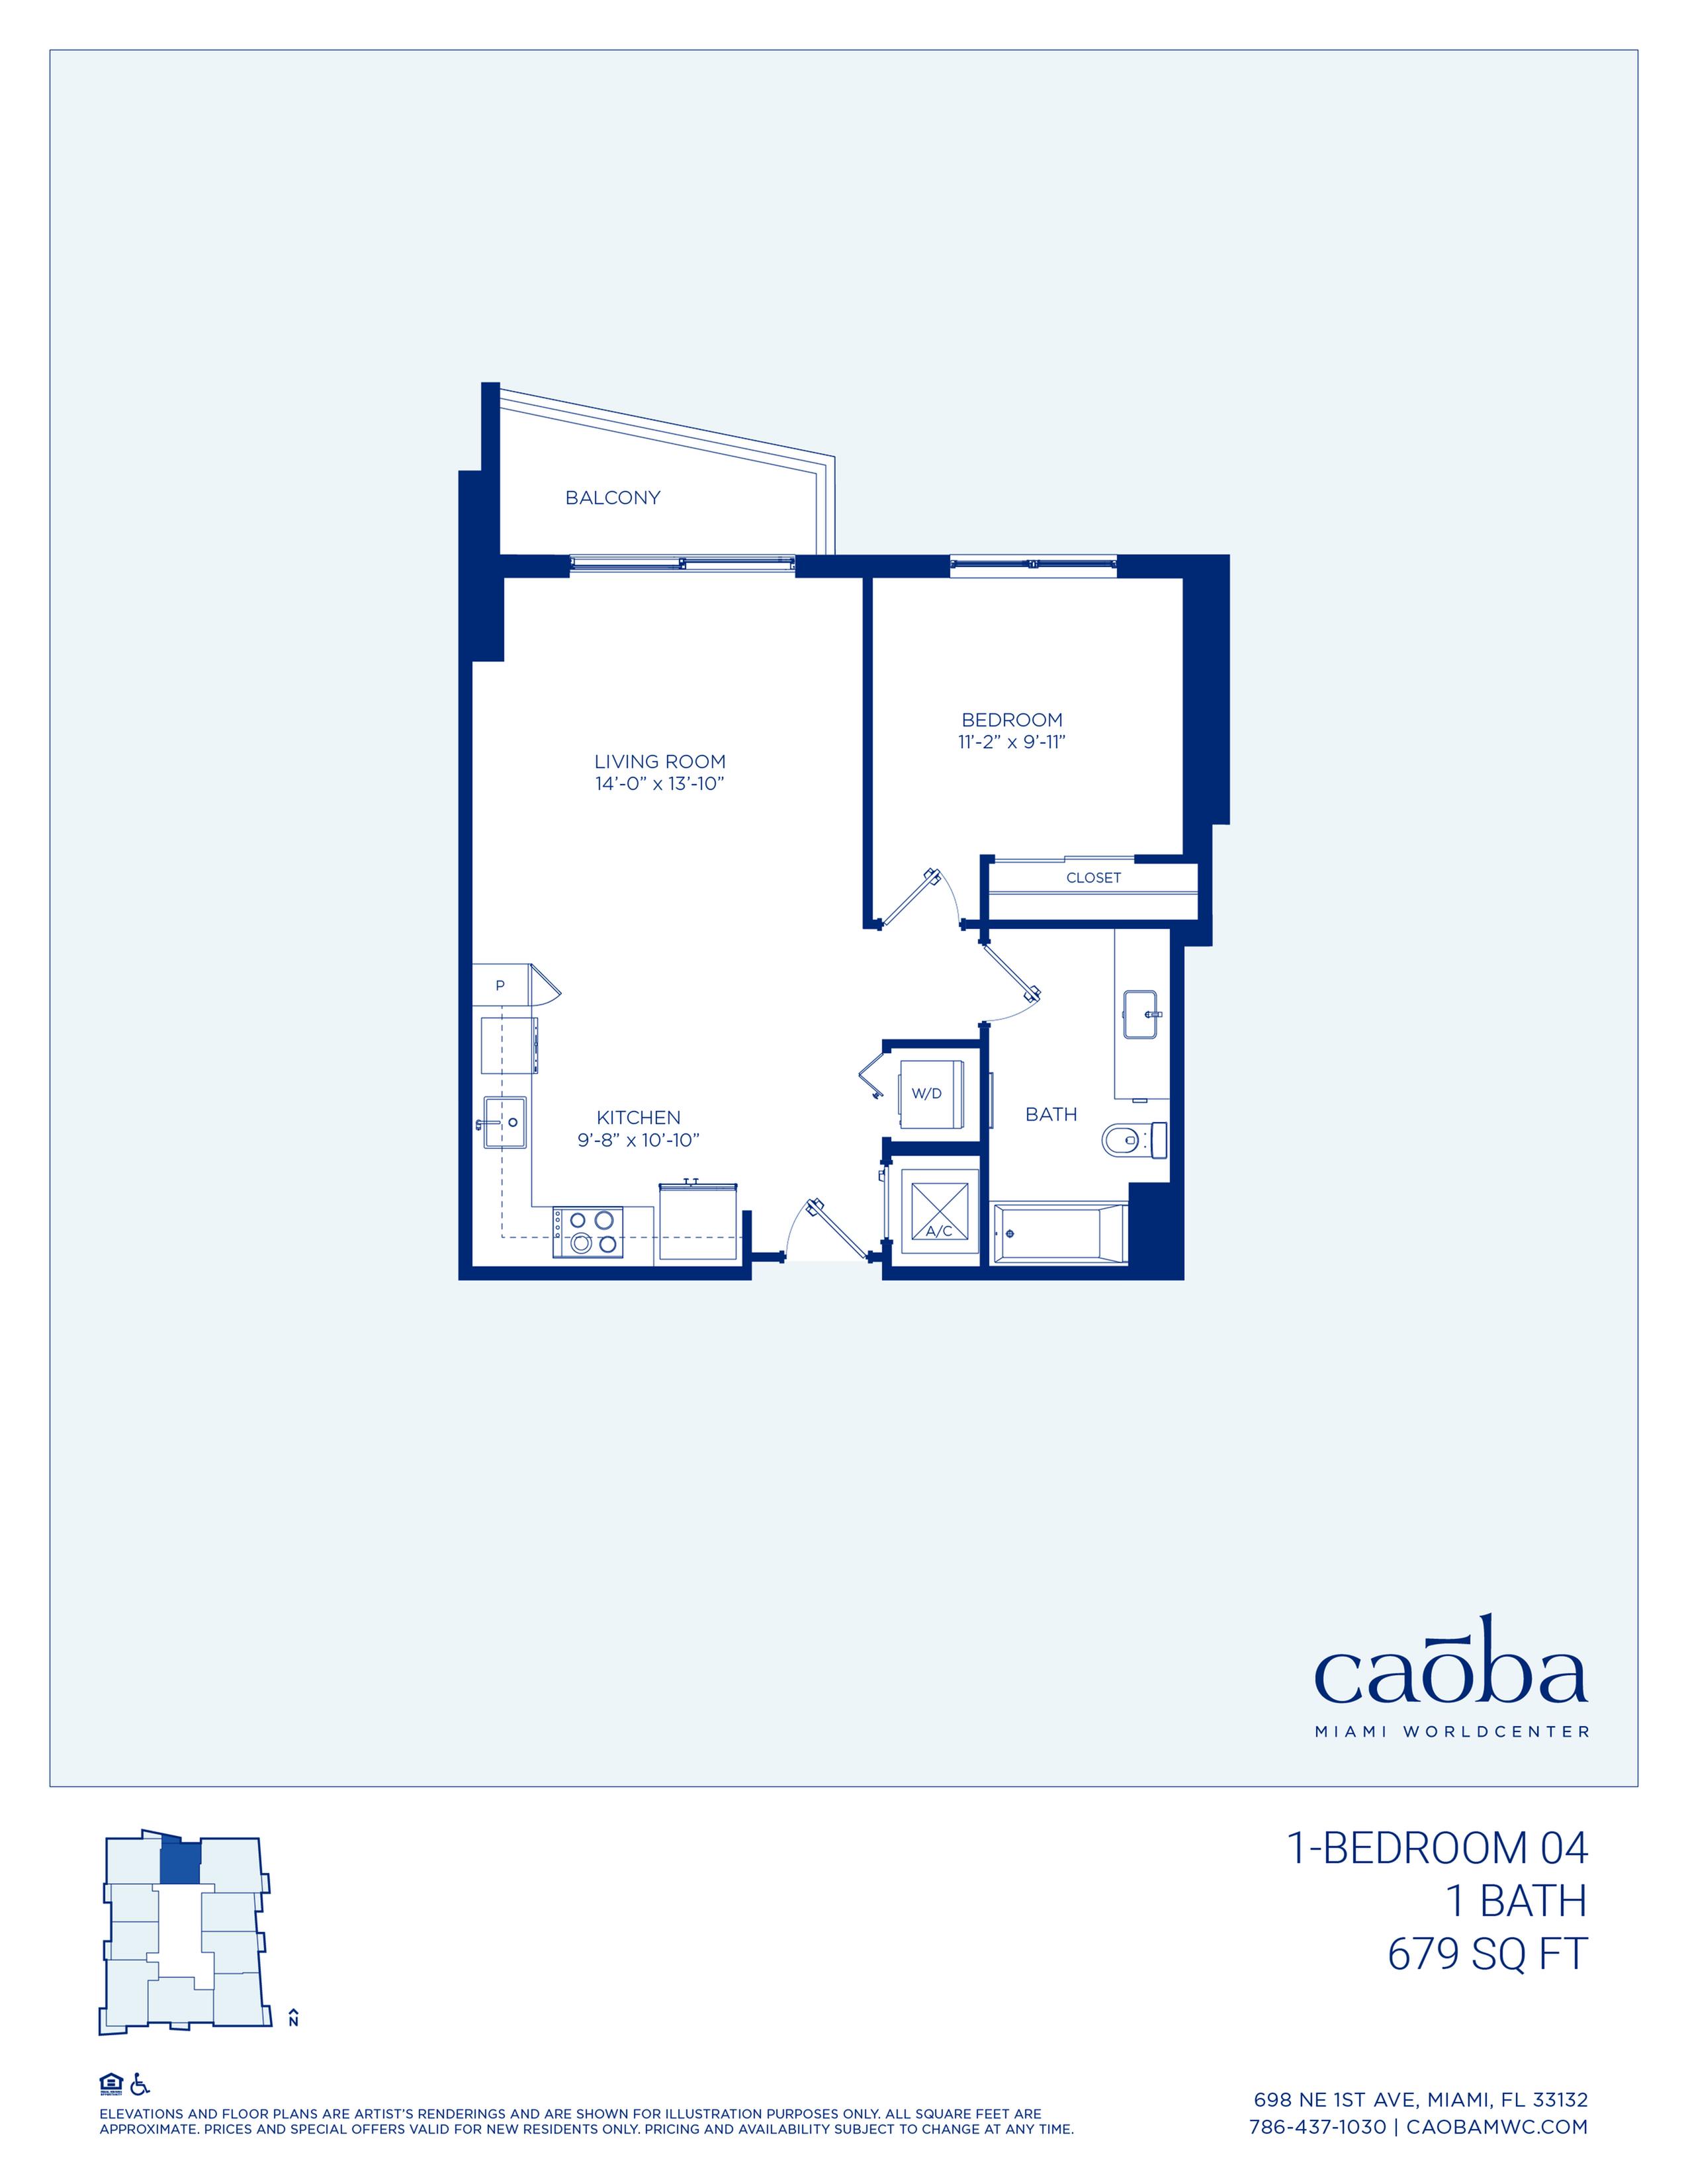 Miami Caoba Floorplan - 1-03